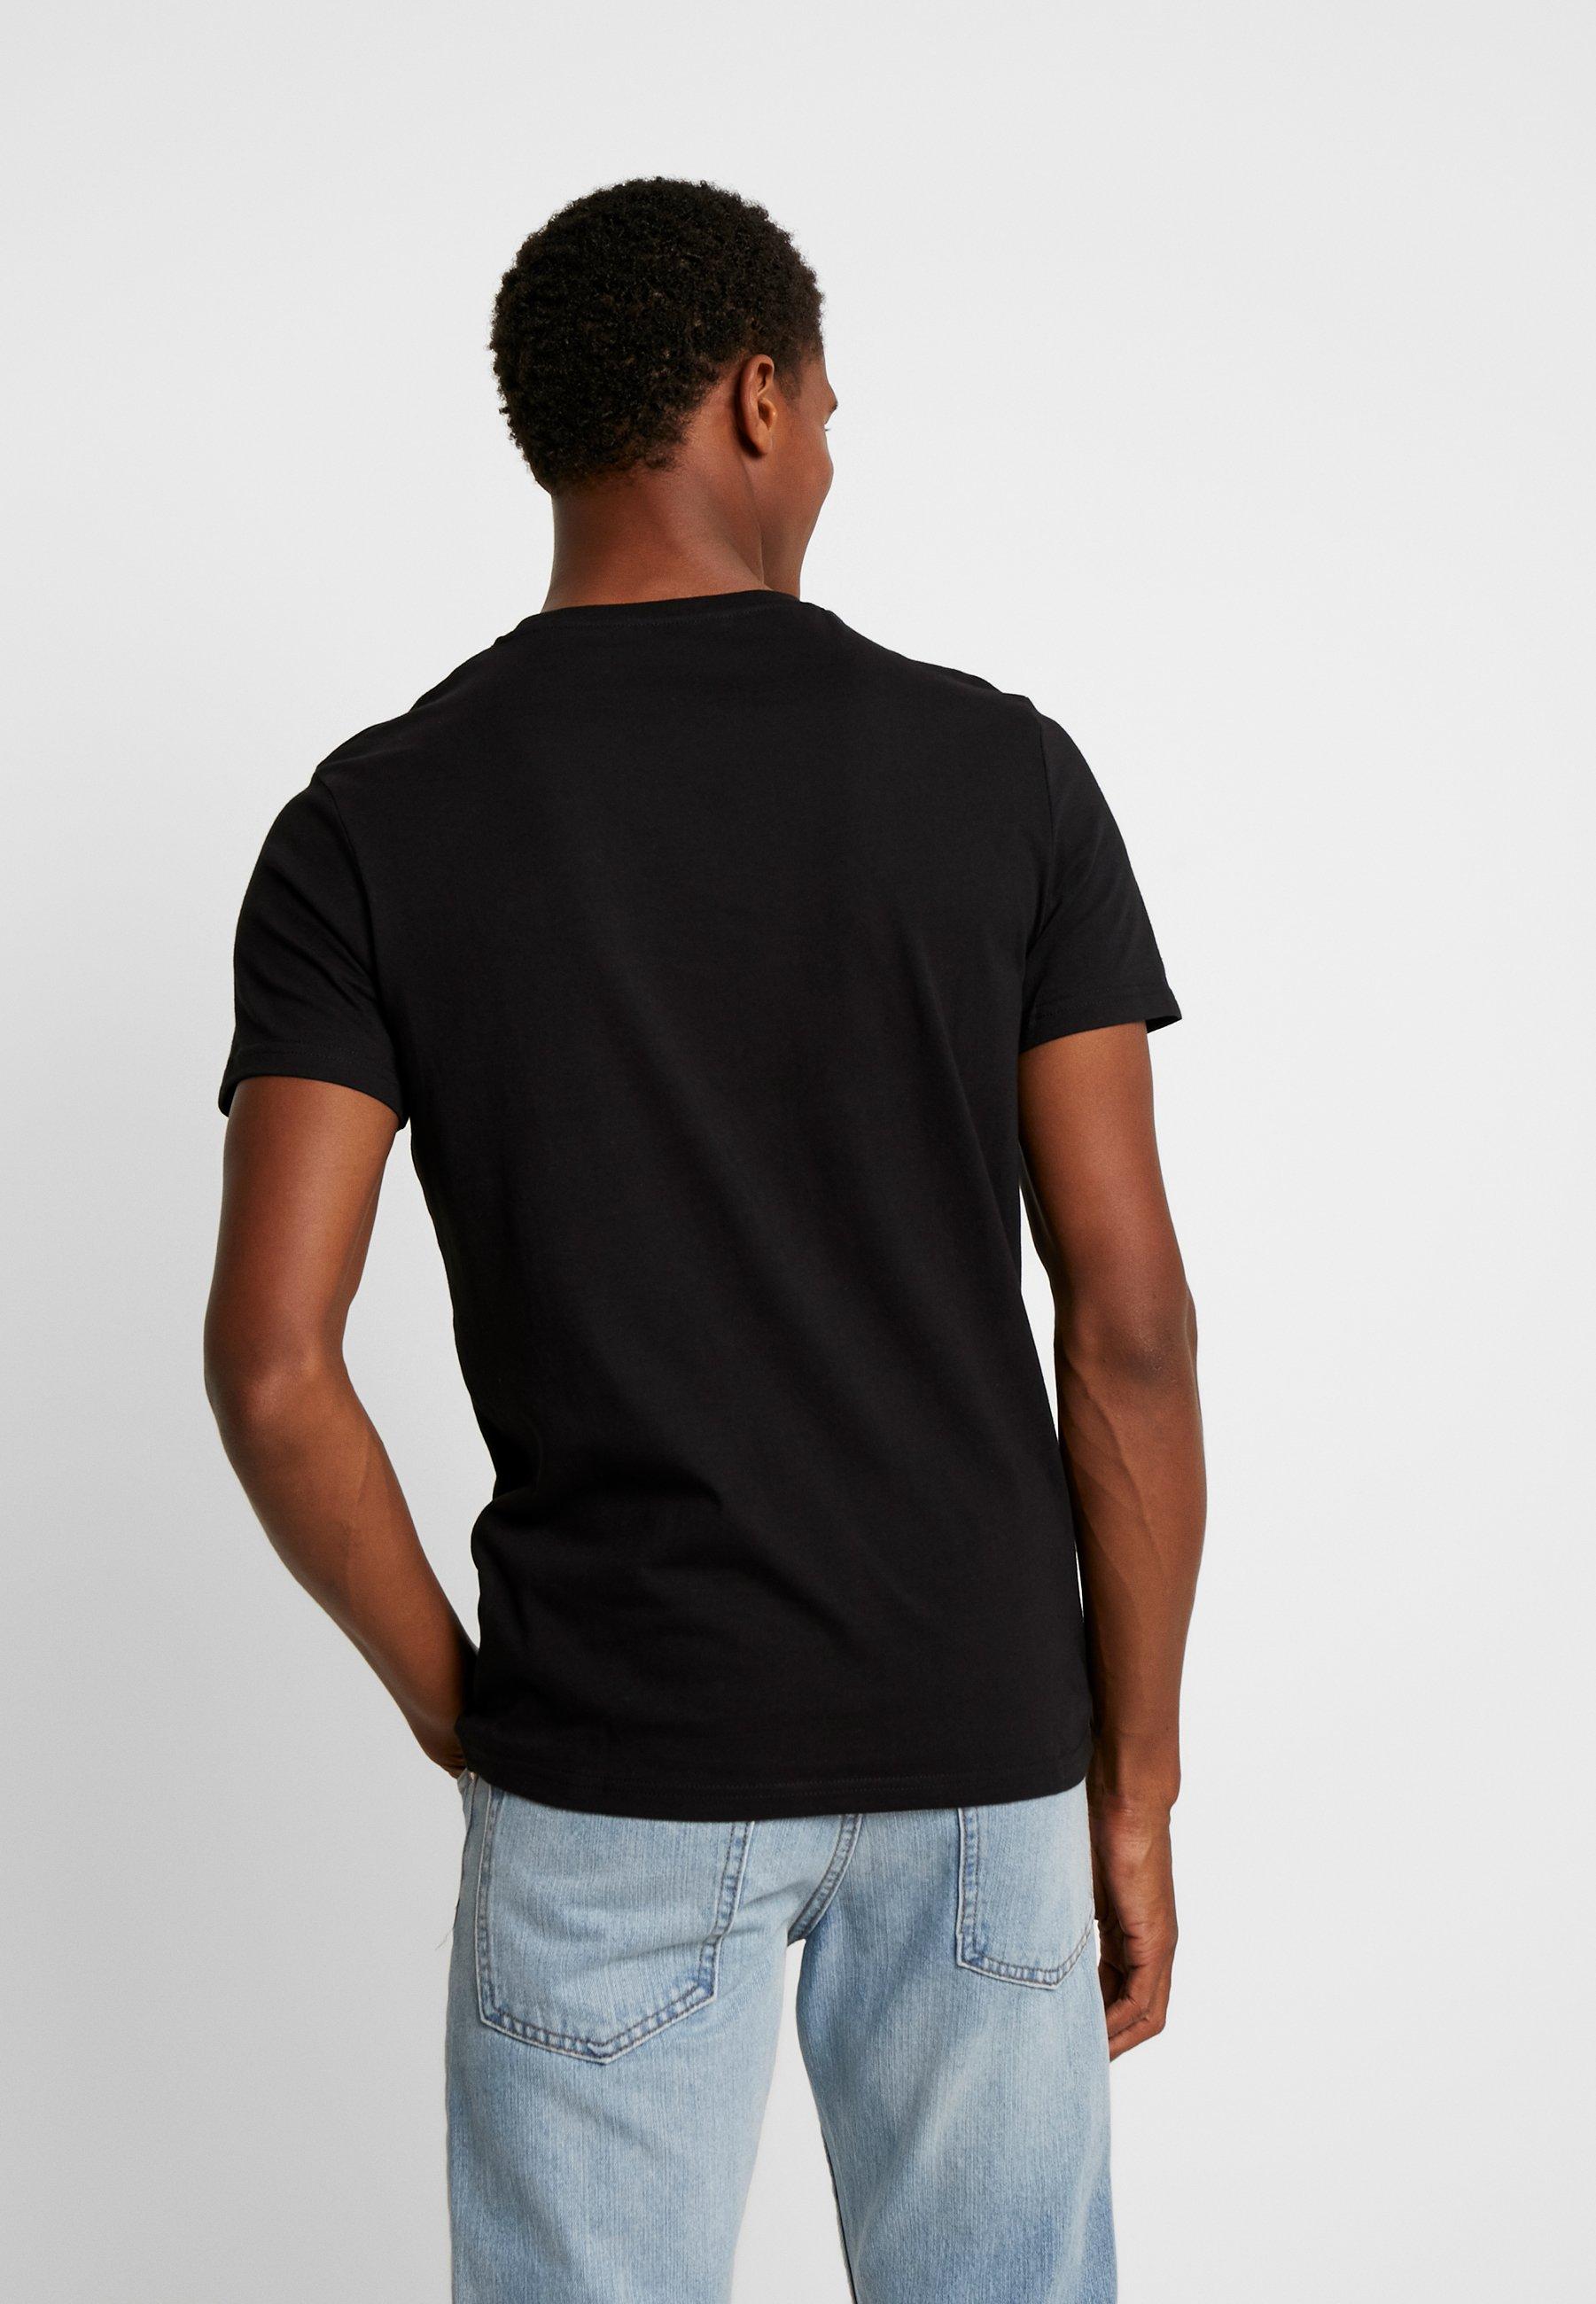 shirt ImpriméBlack One Pier T SVUzMpq